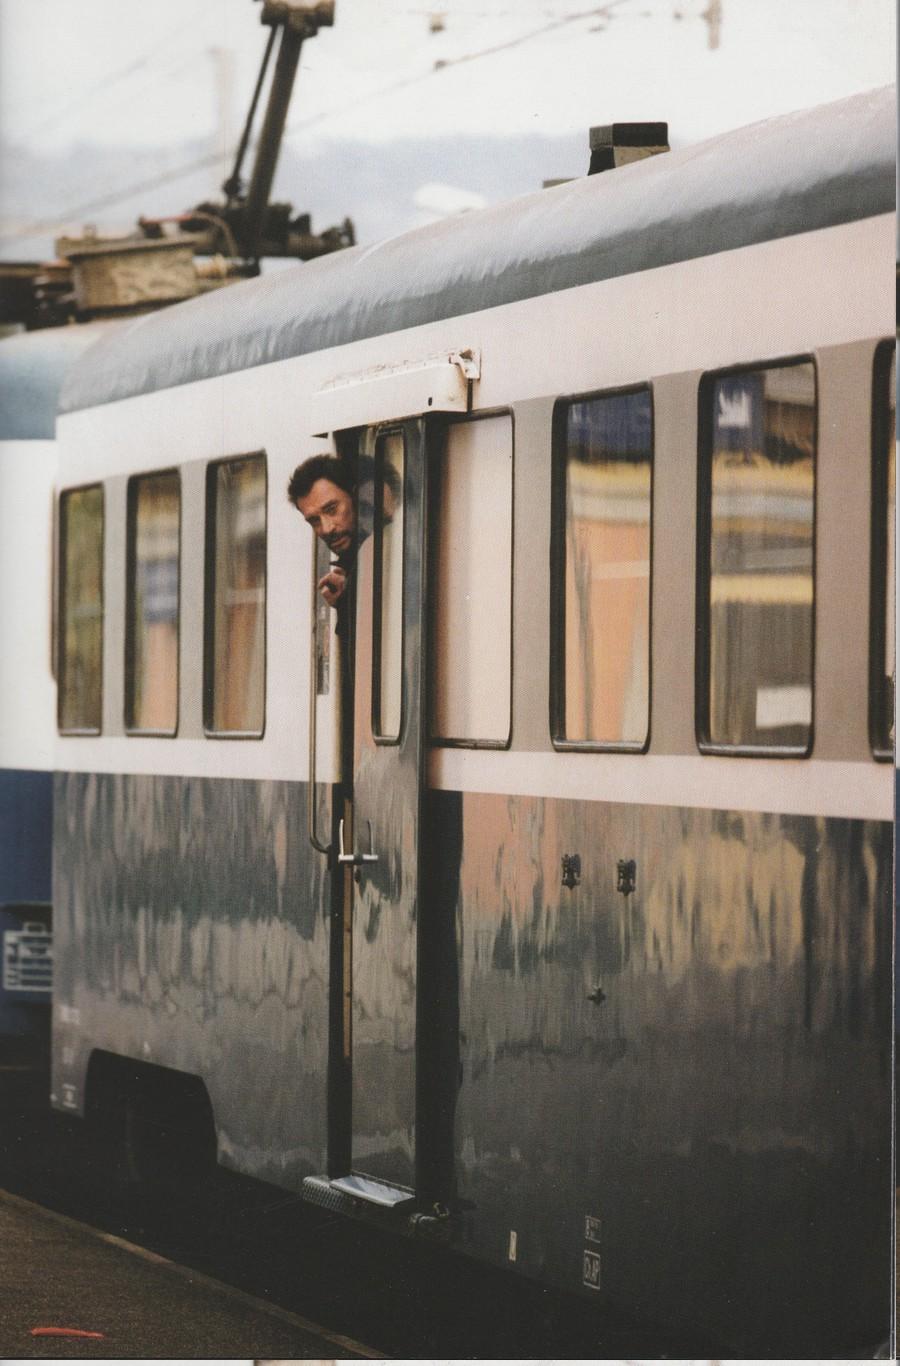 LES FILMS DE JOHNNY 'L'HOMME DU TRAIN' 2002 Img_2738